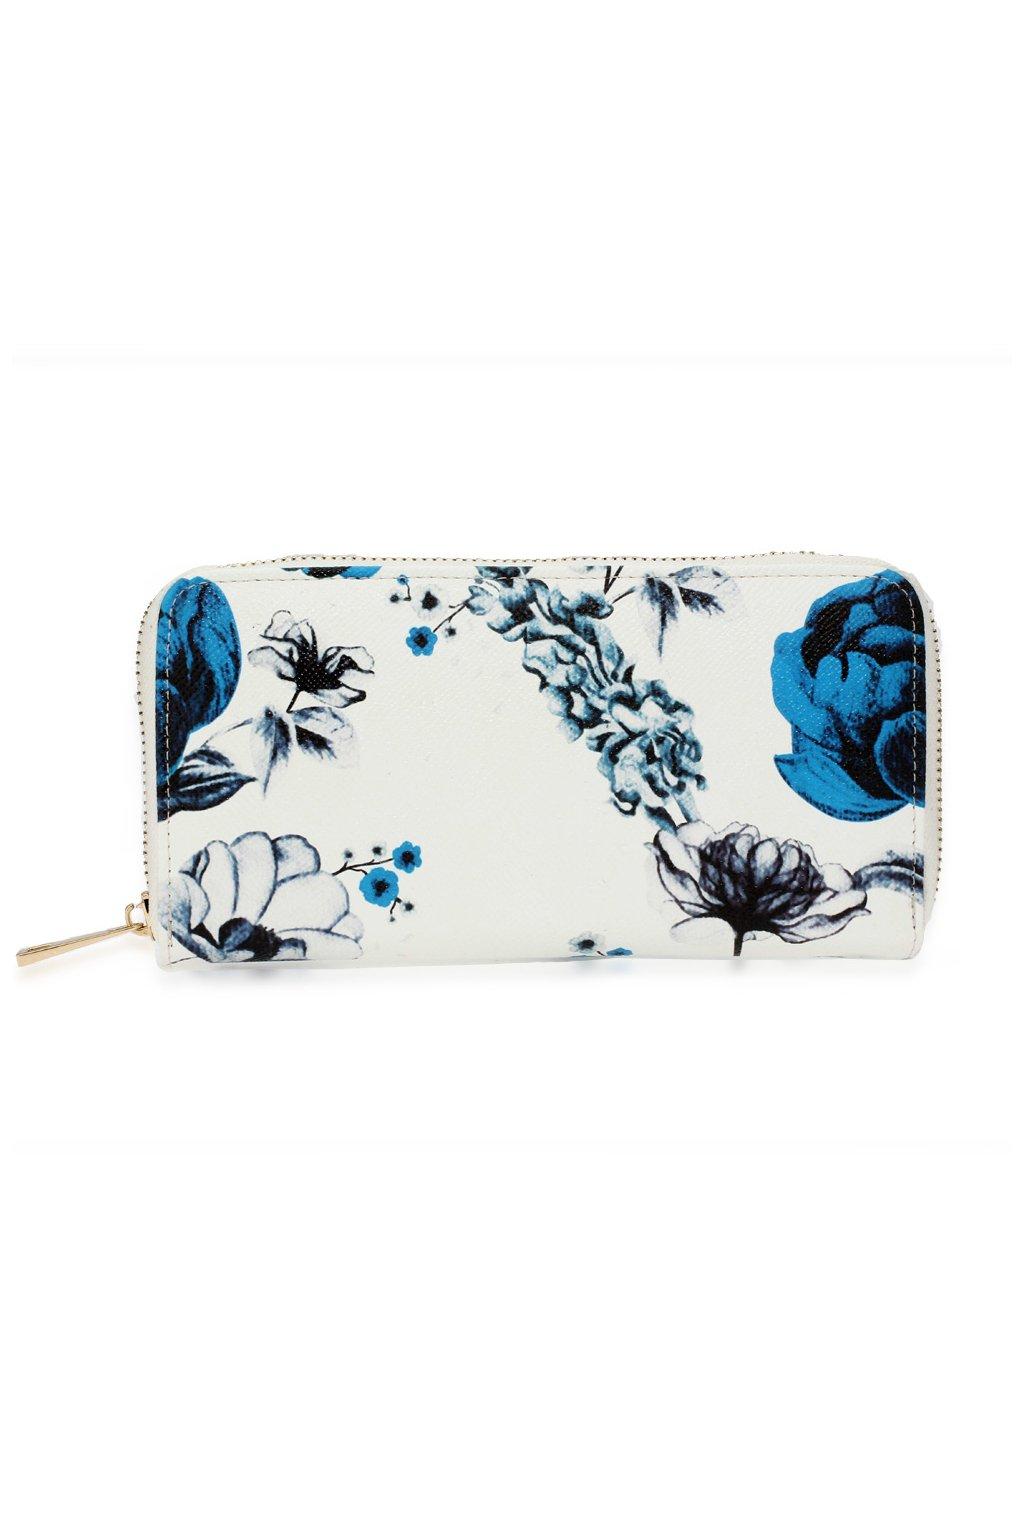 Bielo modrá peňaženka pre ženy Floral Print AGP1108